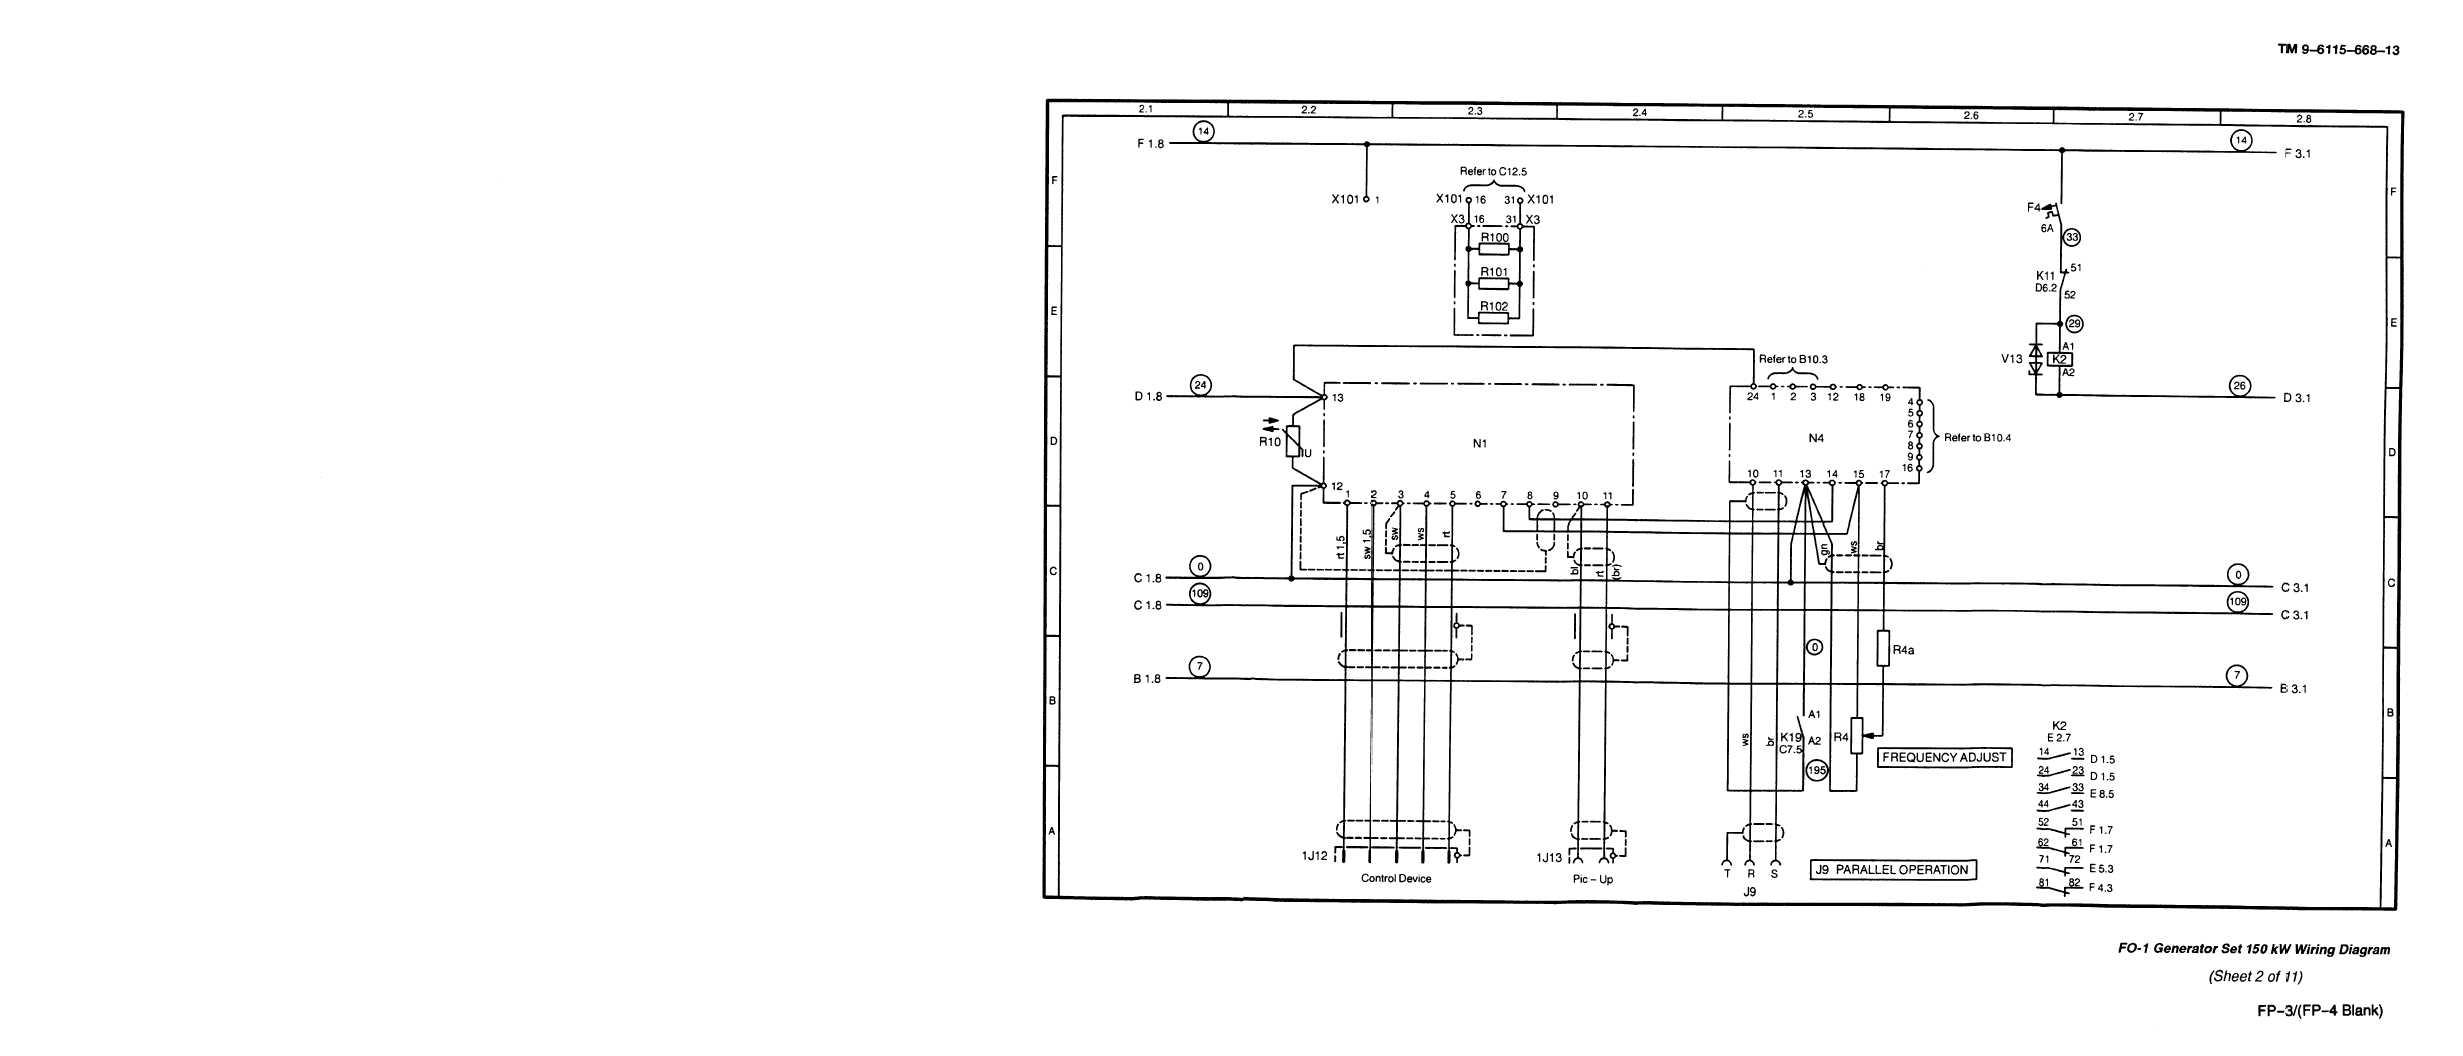 FO-1. Generator Set 150kW Wiring Diagram (sheet 2 of 11)